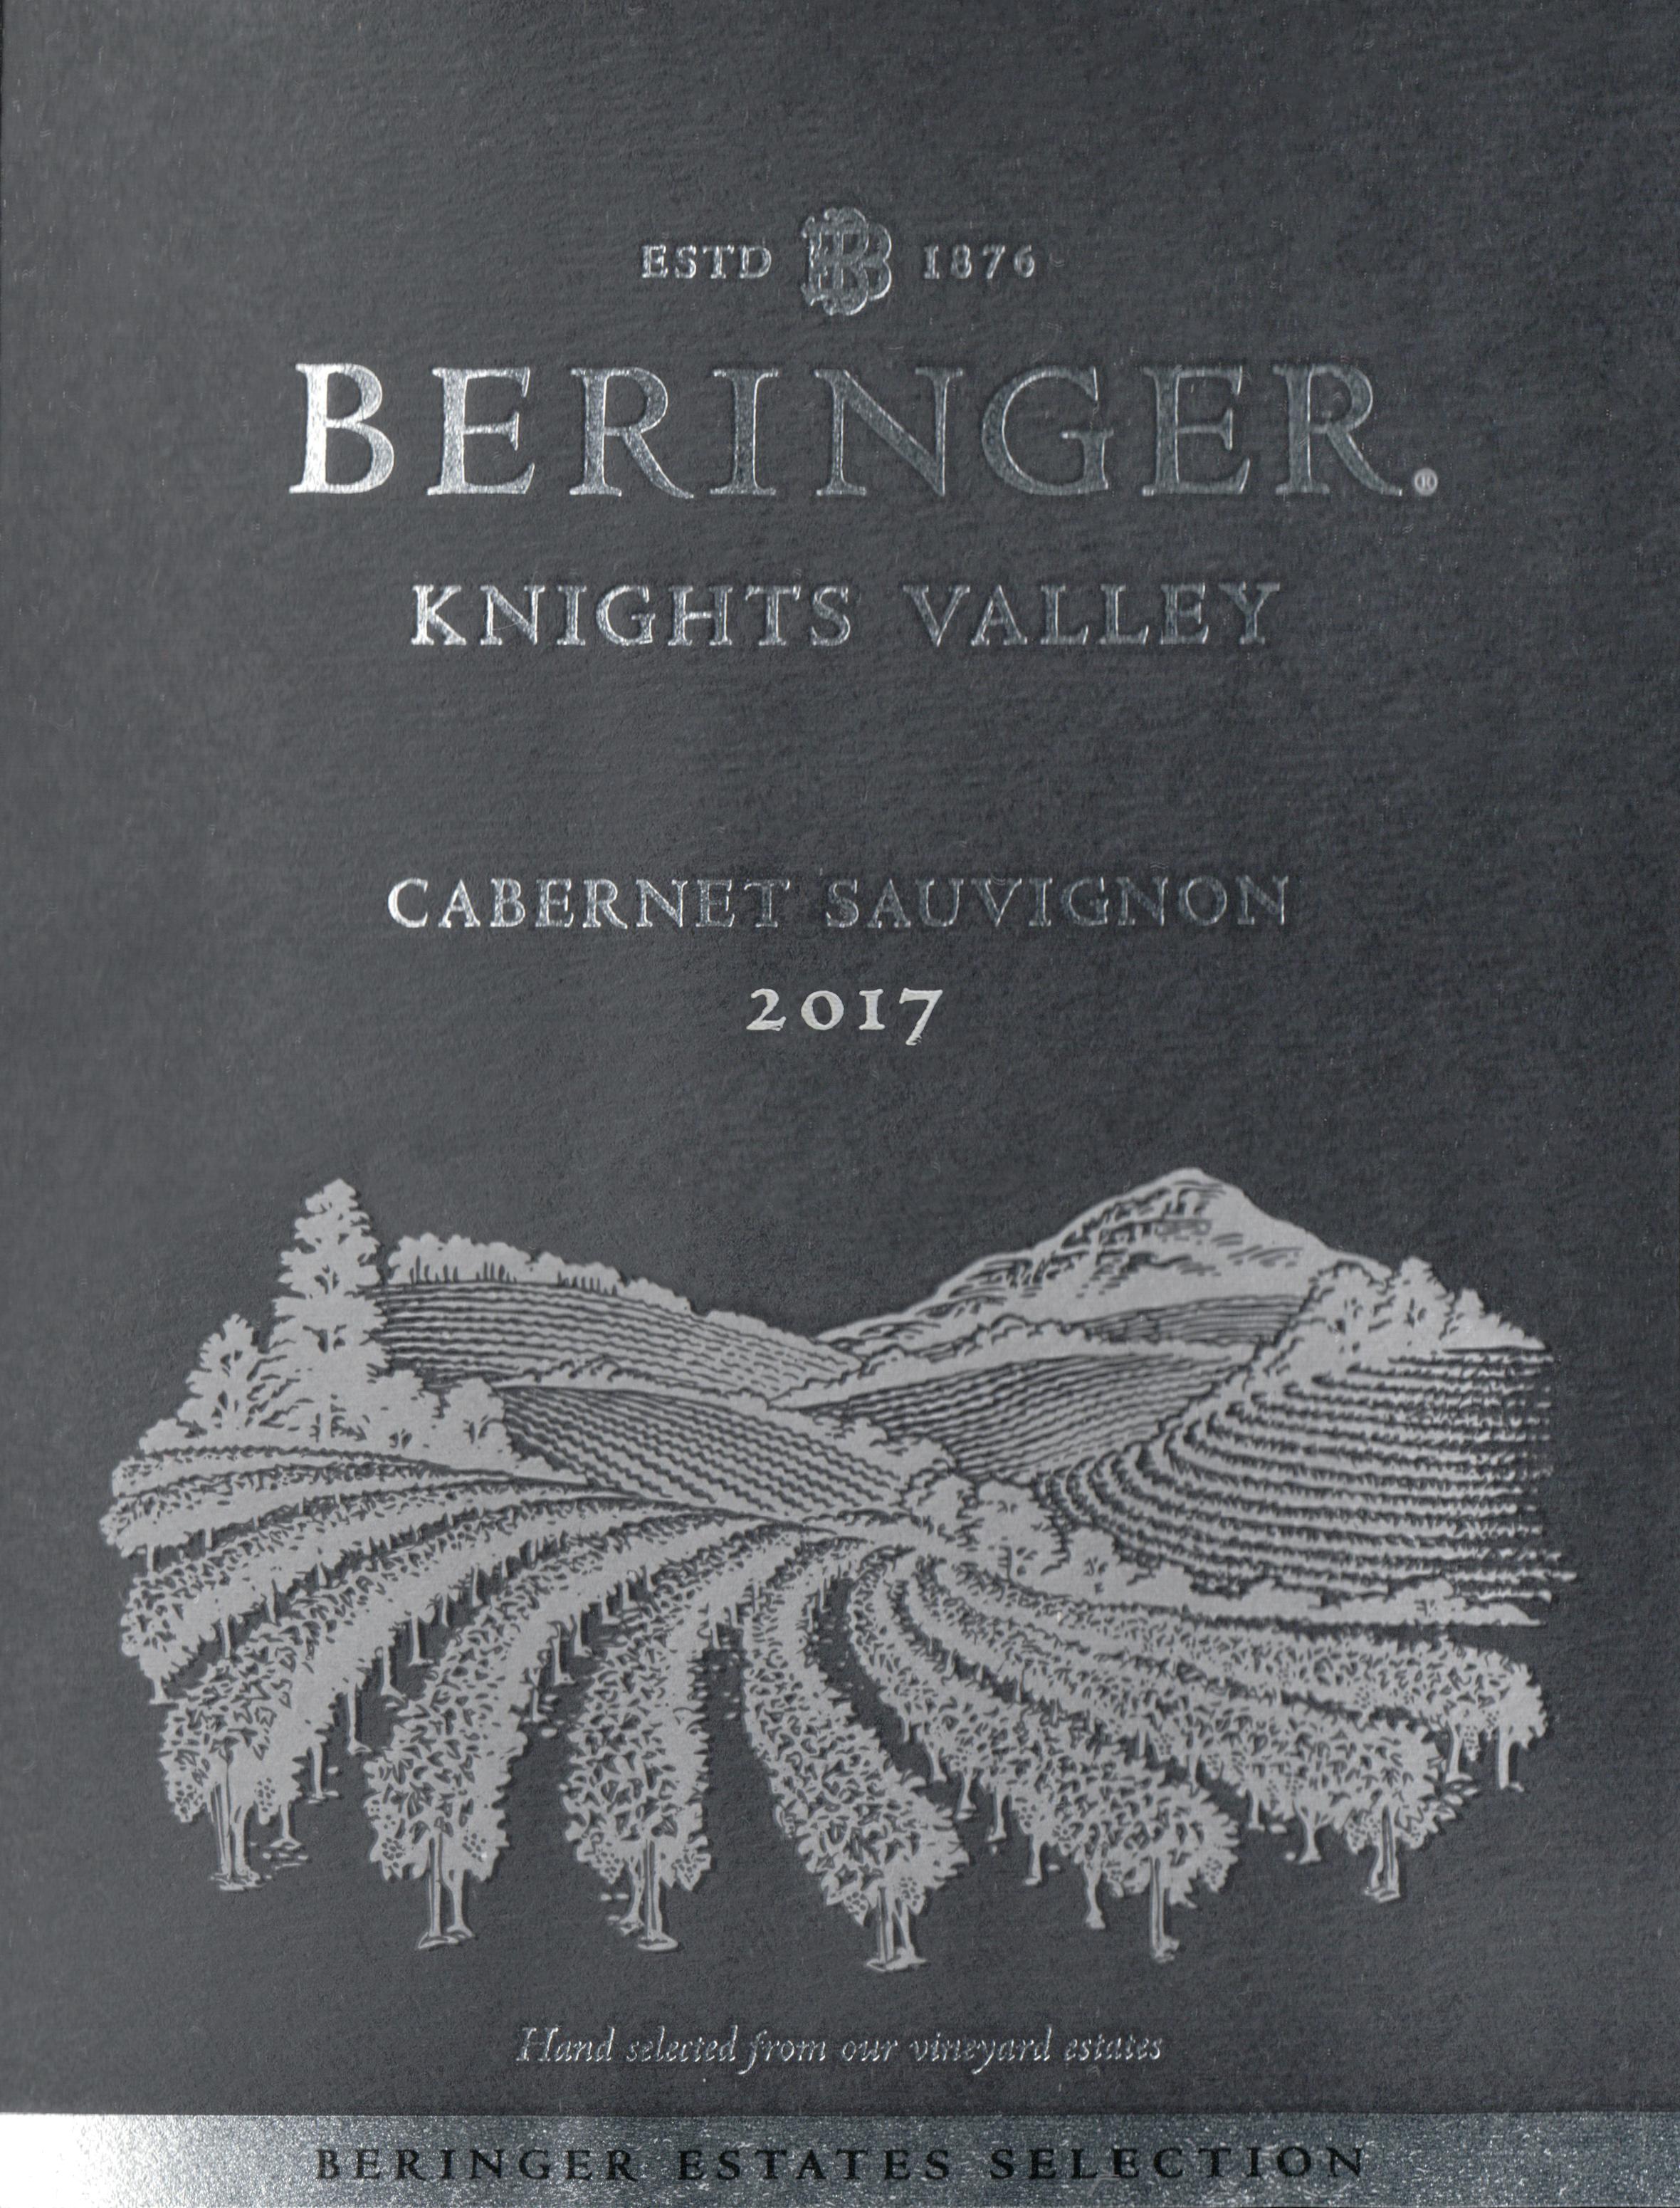 Beringer Cabernet Sauvignon Knight